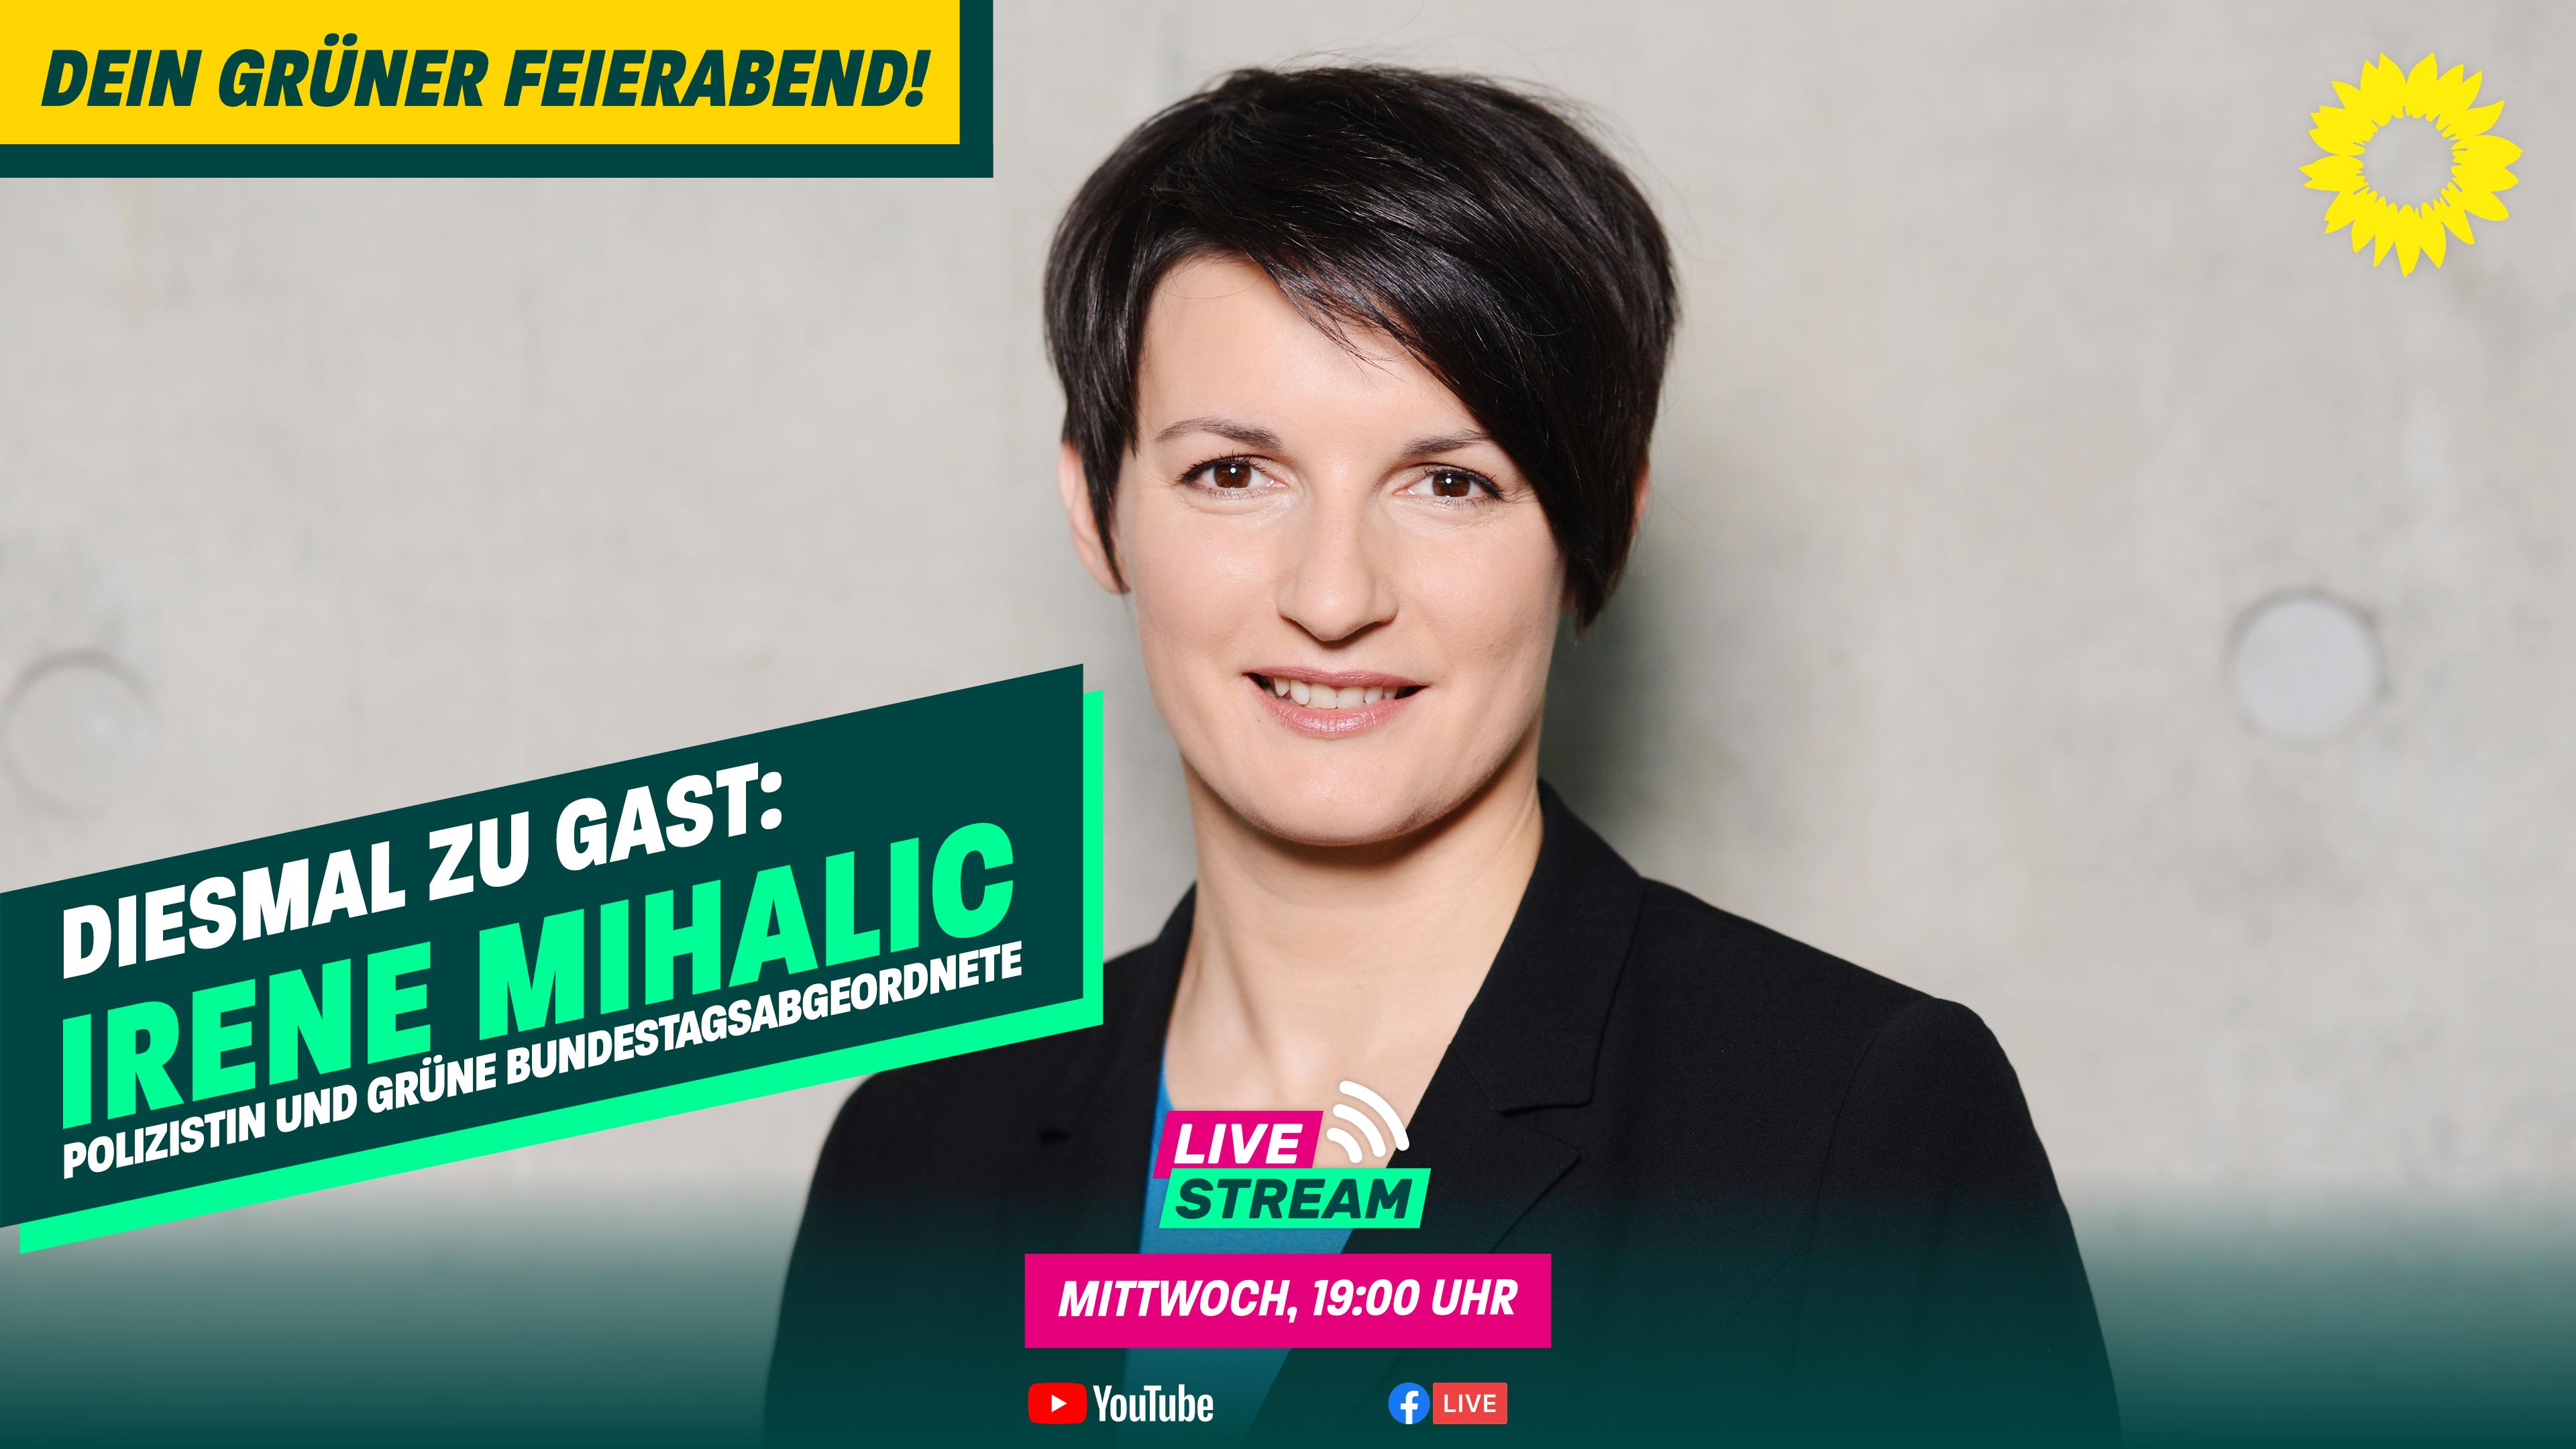 Dein grüner Feierabend am 19.05. – mit Irene Mihalic